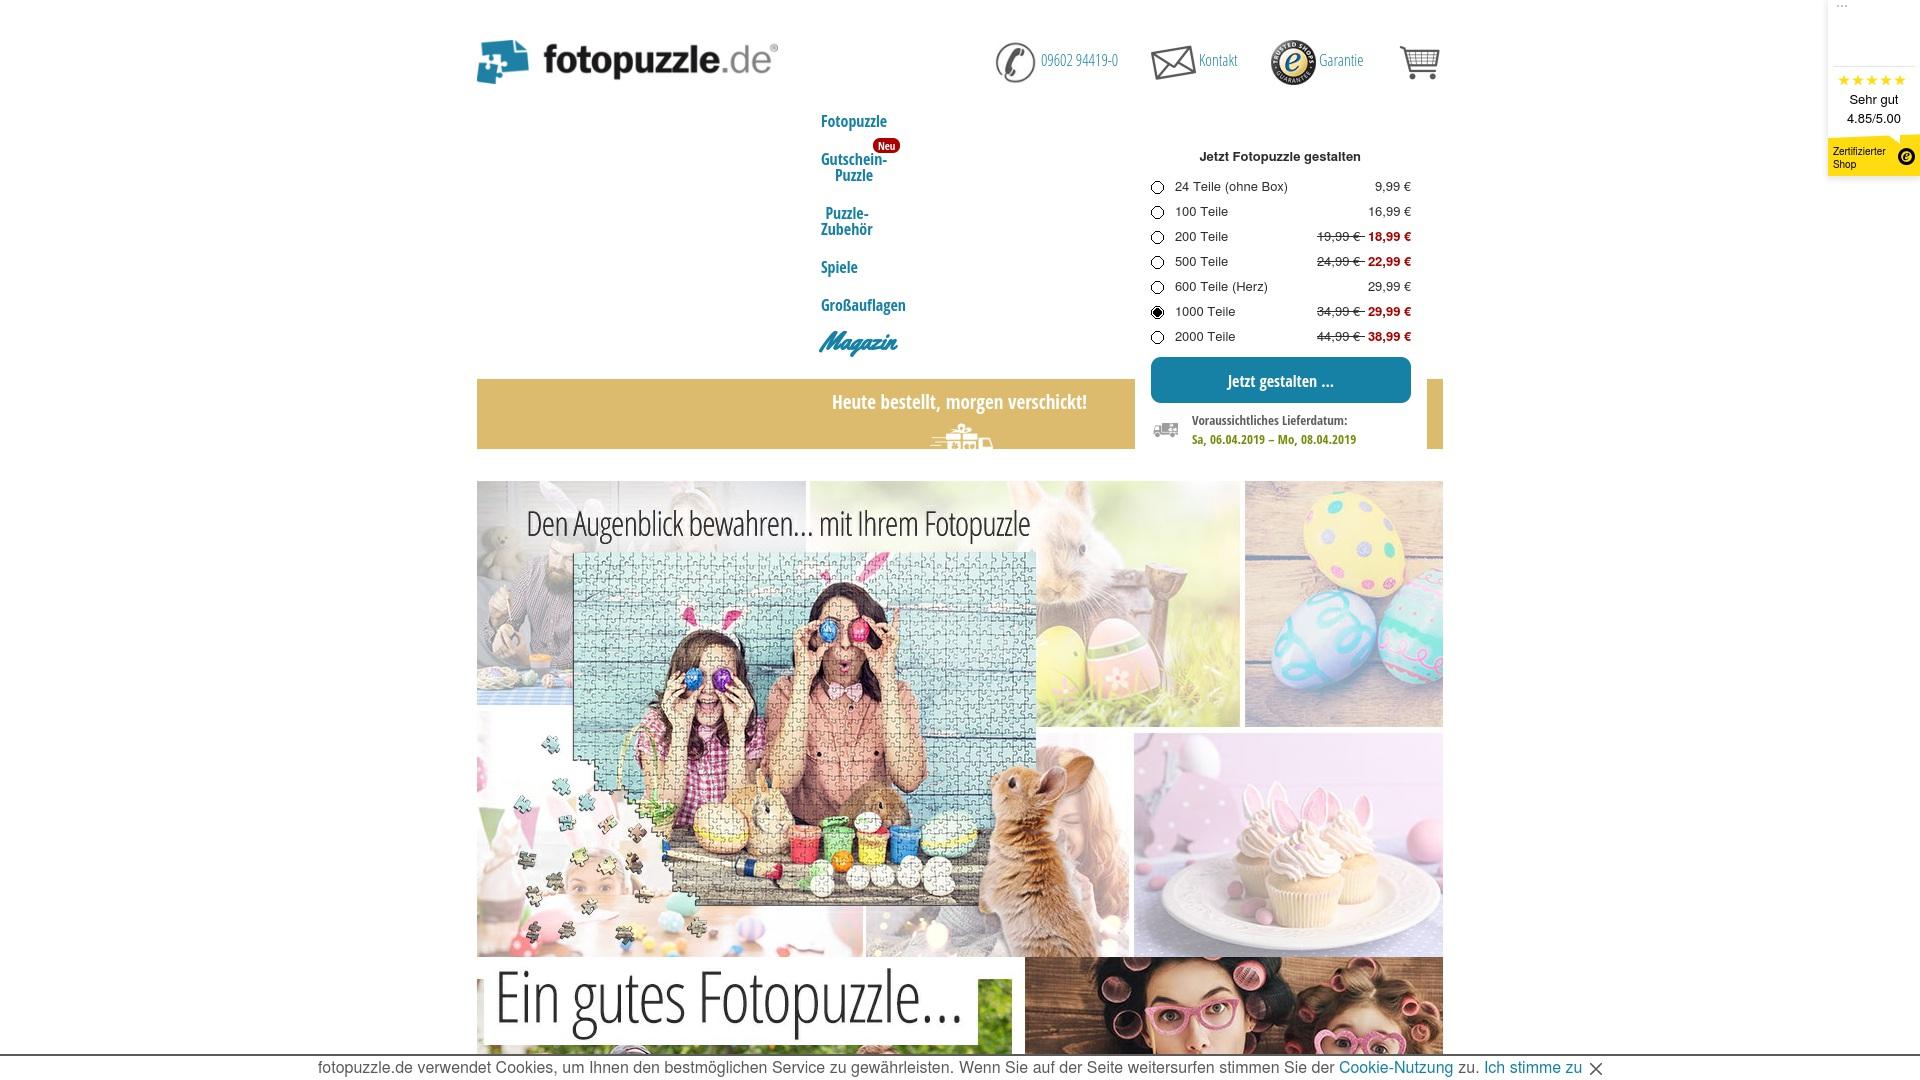 Gutschein für Fotopuzzle: Rabatte für  Fotopuzzle sichern